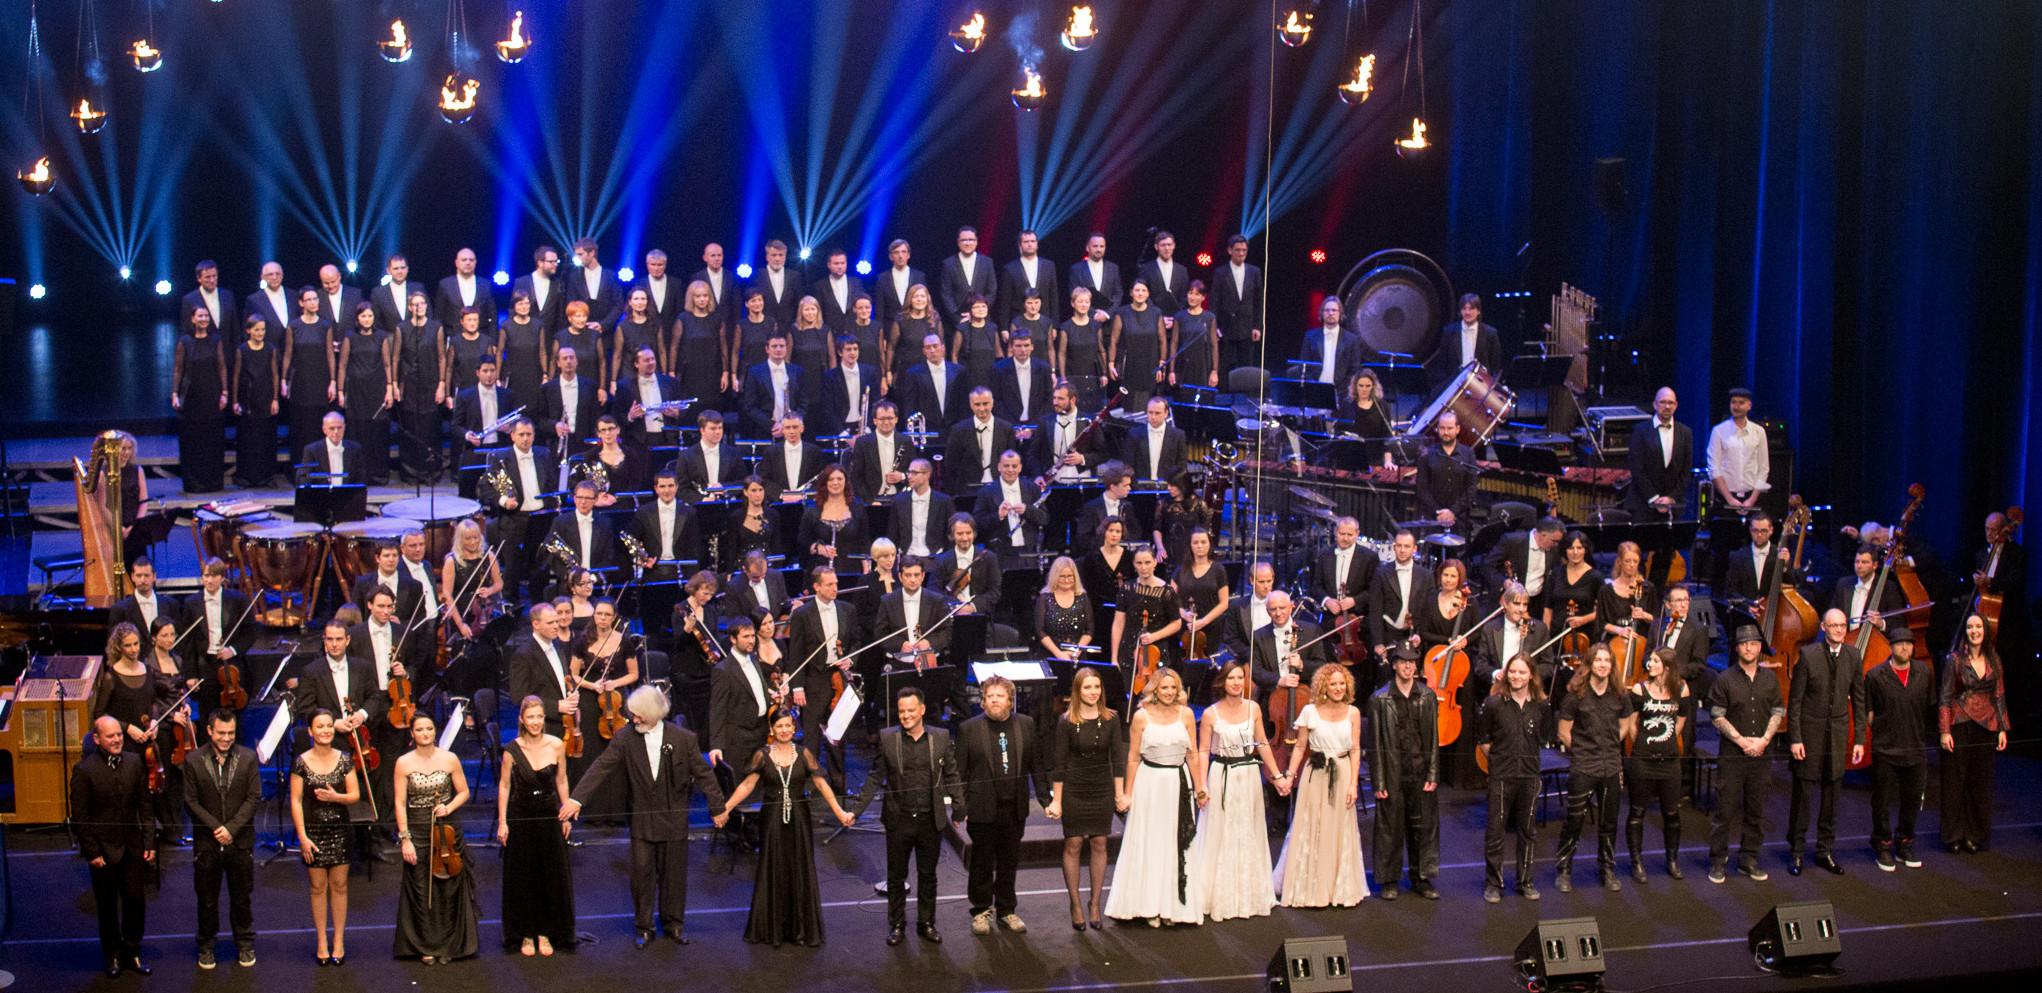 drzavna_proslava_2015_vsi_nastopajoci